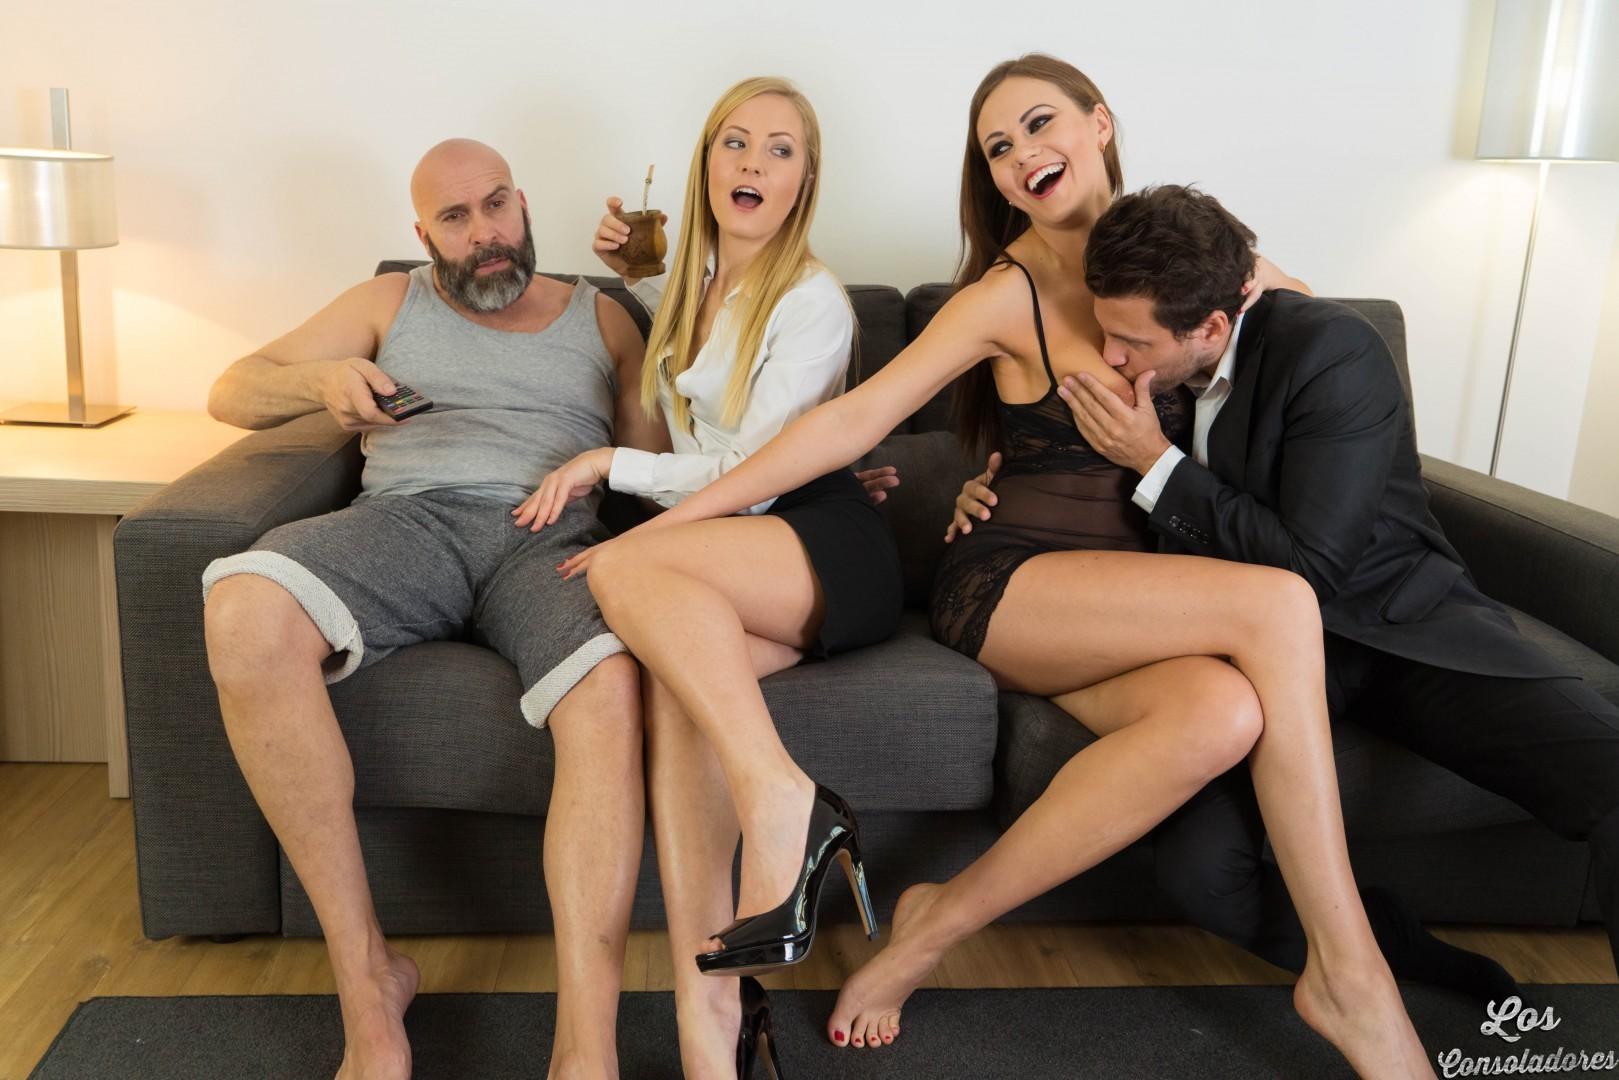 Mea melone sicilia sharing cock in threesome